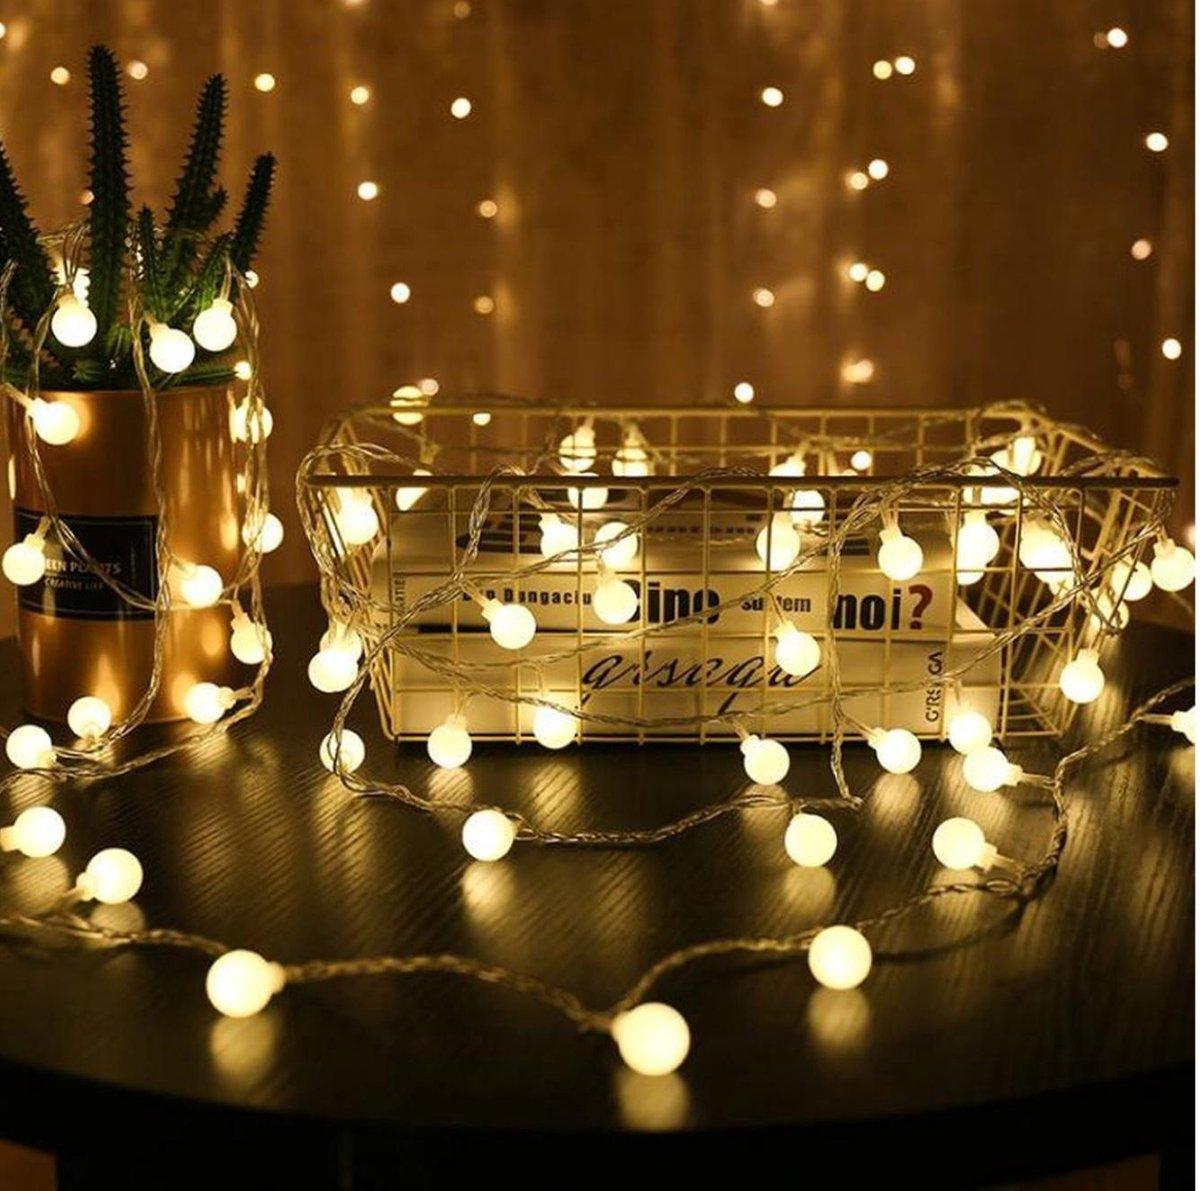 Lumadi Lichtsnoer   Lichtslinger Binnen en Buiten   Fairy Lights - Warm Wit - Lampjes Slinger